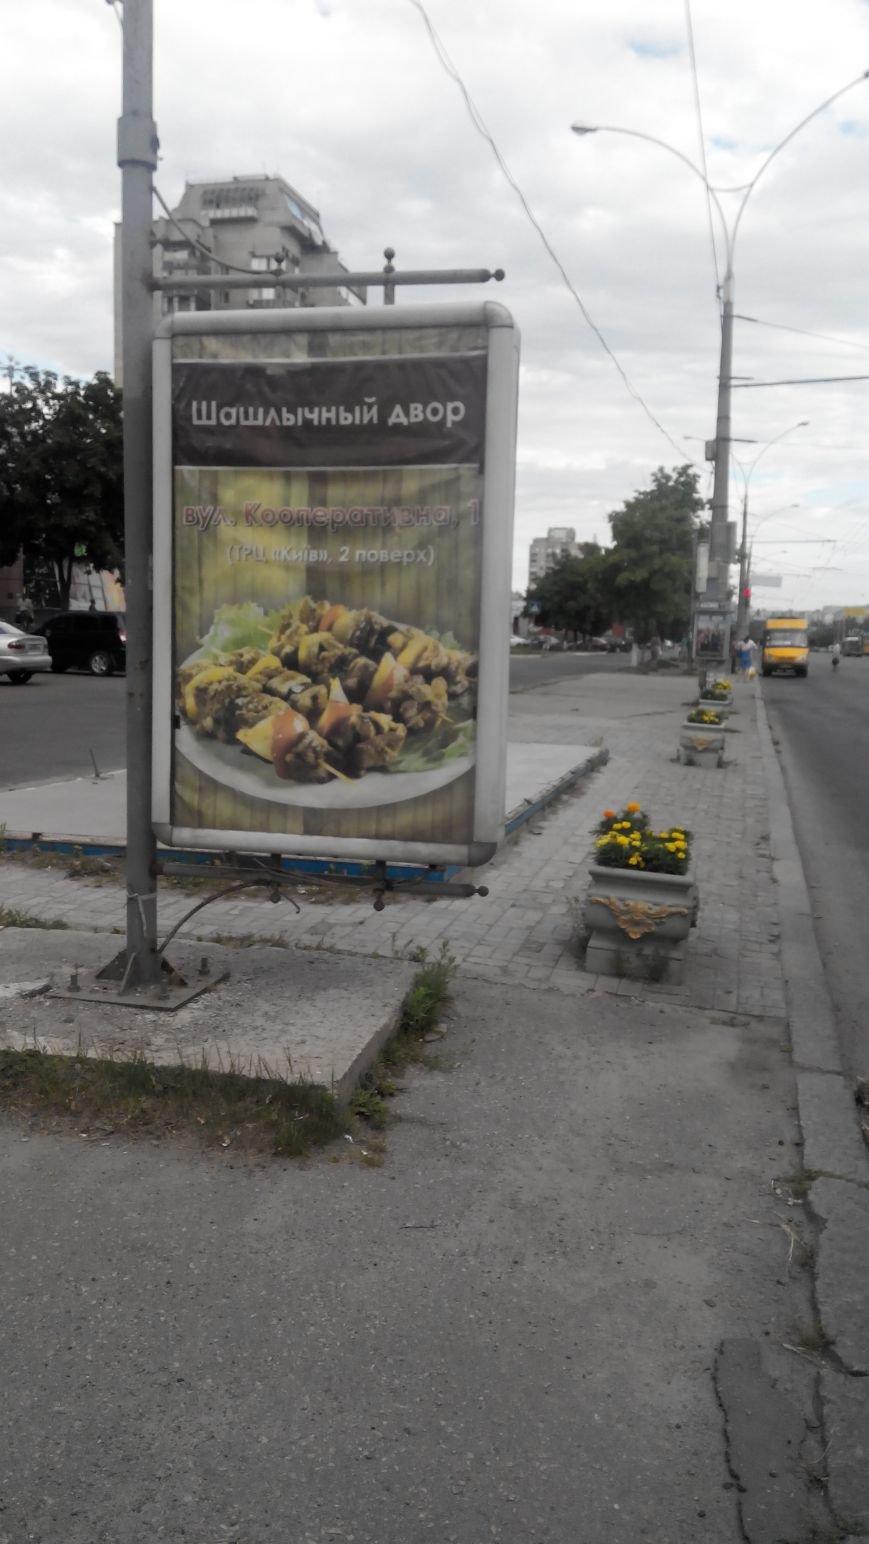 В Сумах на месте «черной остановки Сумсельмаш» установили сити-лайт (ФОТО), фото-1